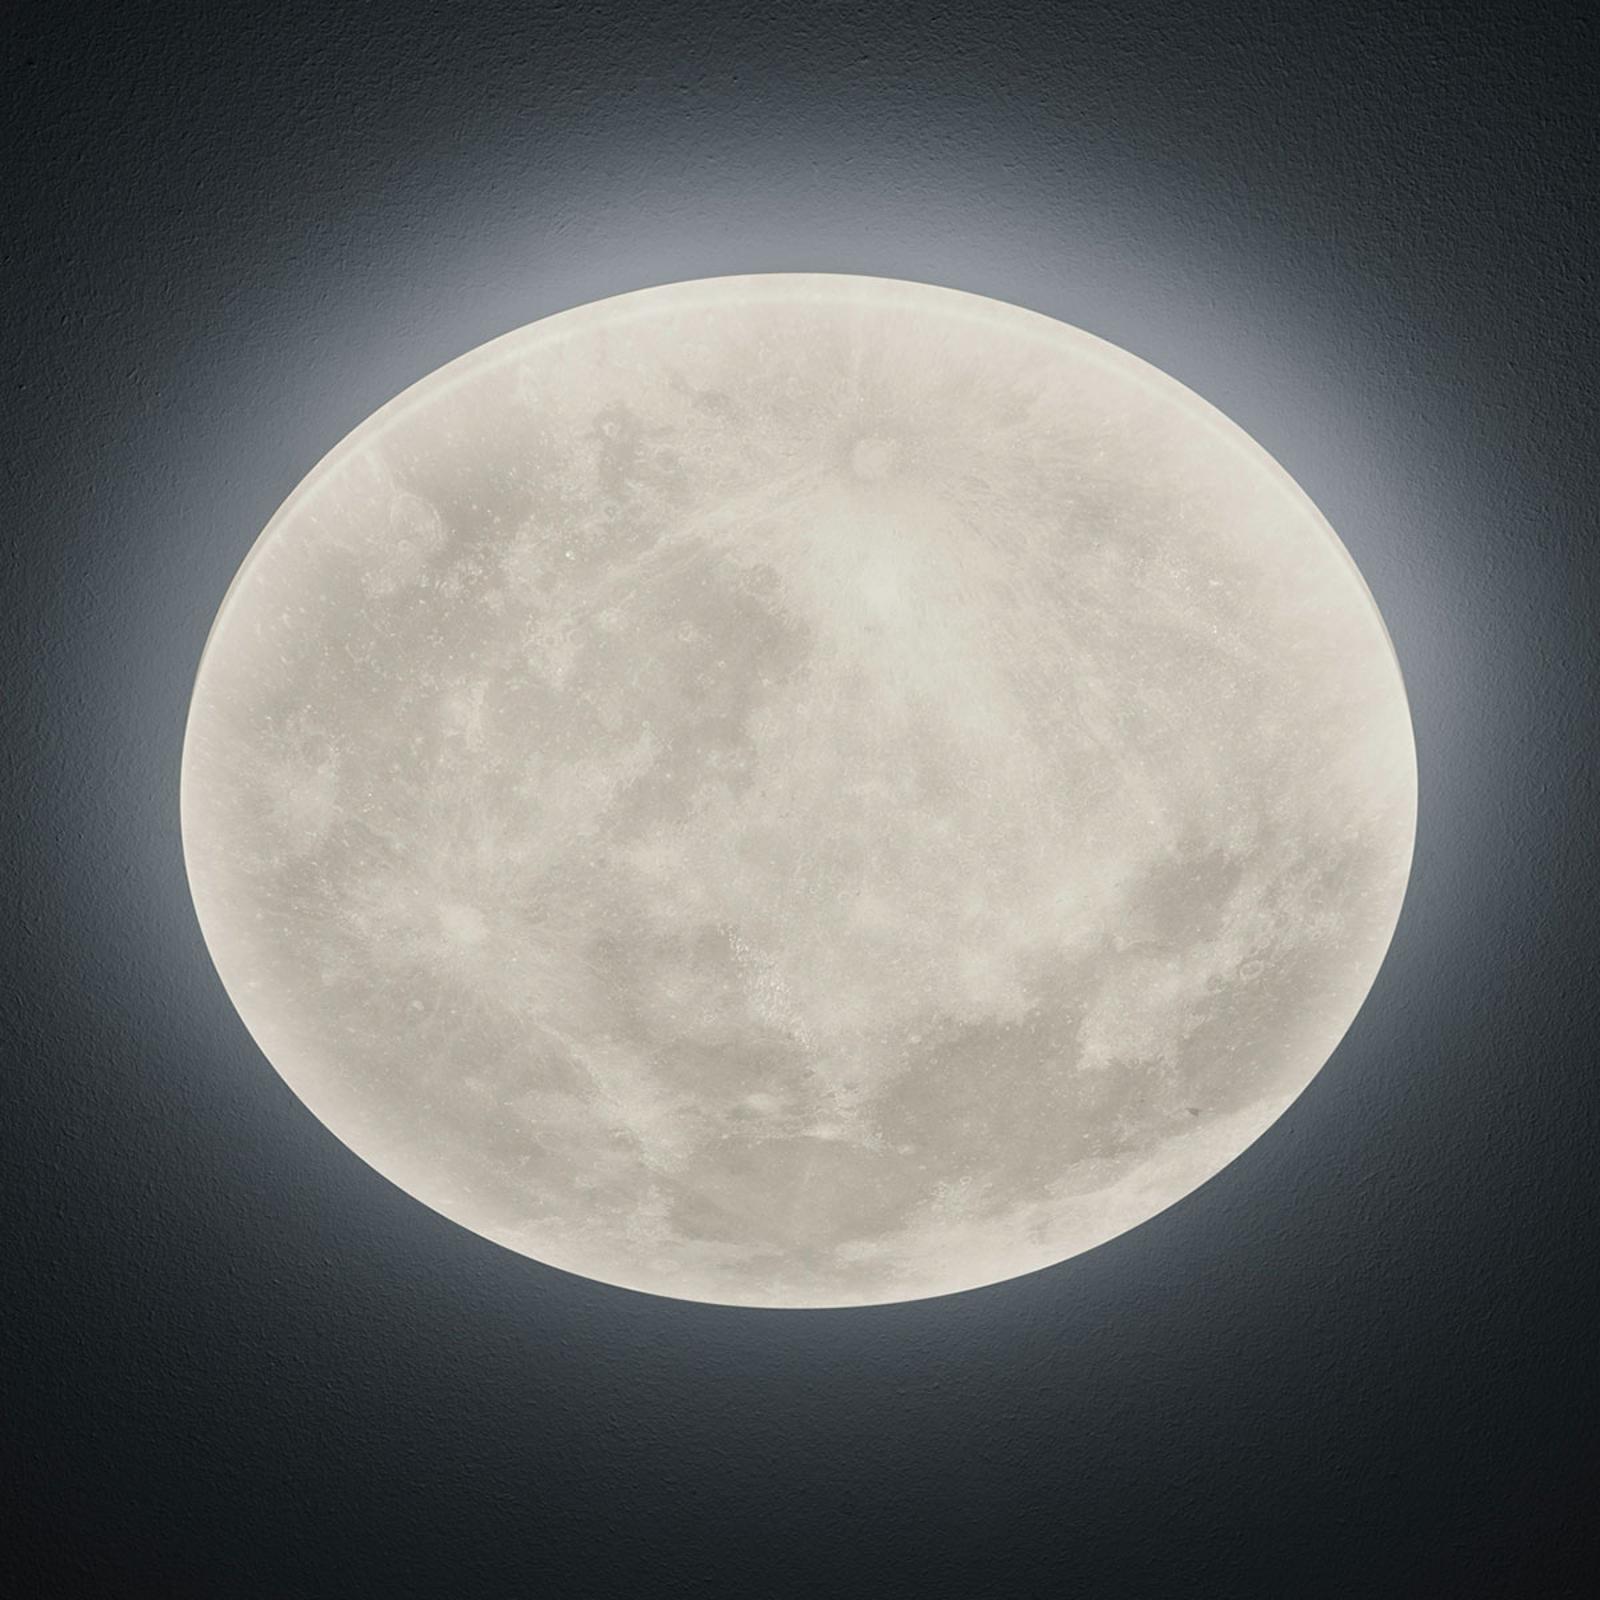 Plafonnier LED Lunar avec télécommande 40cm